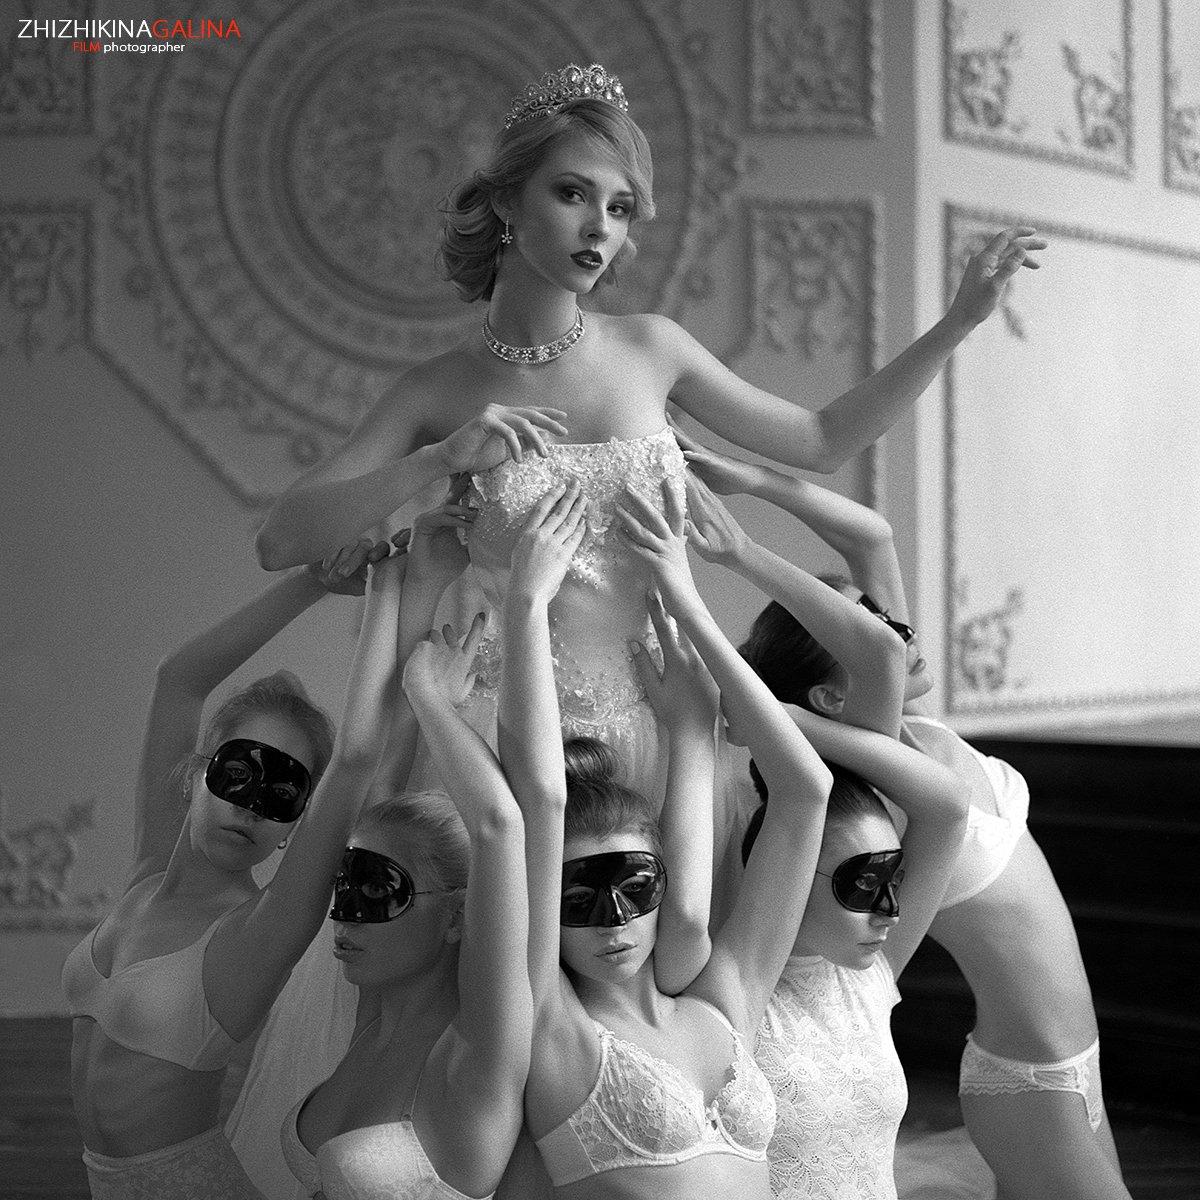 девушка, свет, принцесса, тиара, корона, лицо, портрет, жанр, искусство, креатив, модель, фотография, фотосессия, soul, photo, photography, portrait, nature,, Галина Жижикина